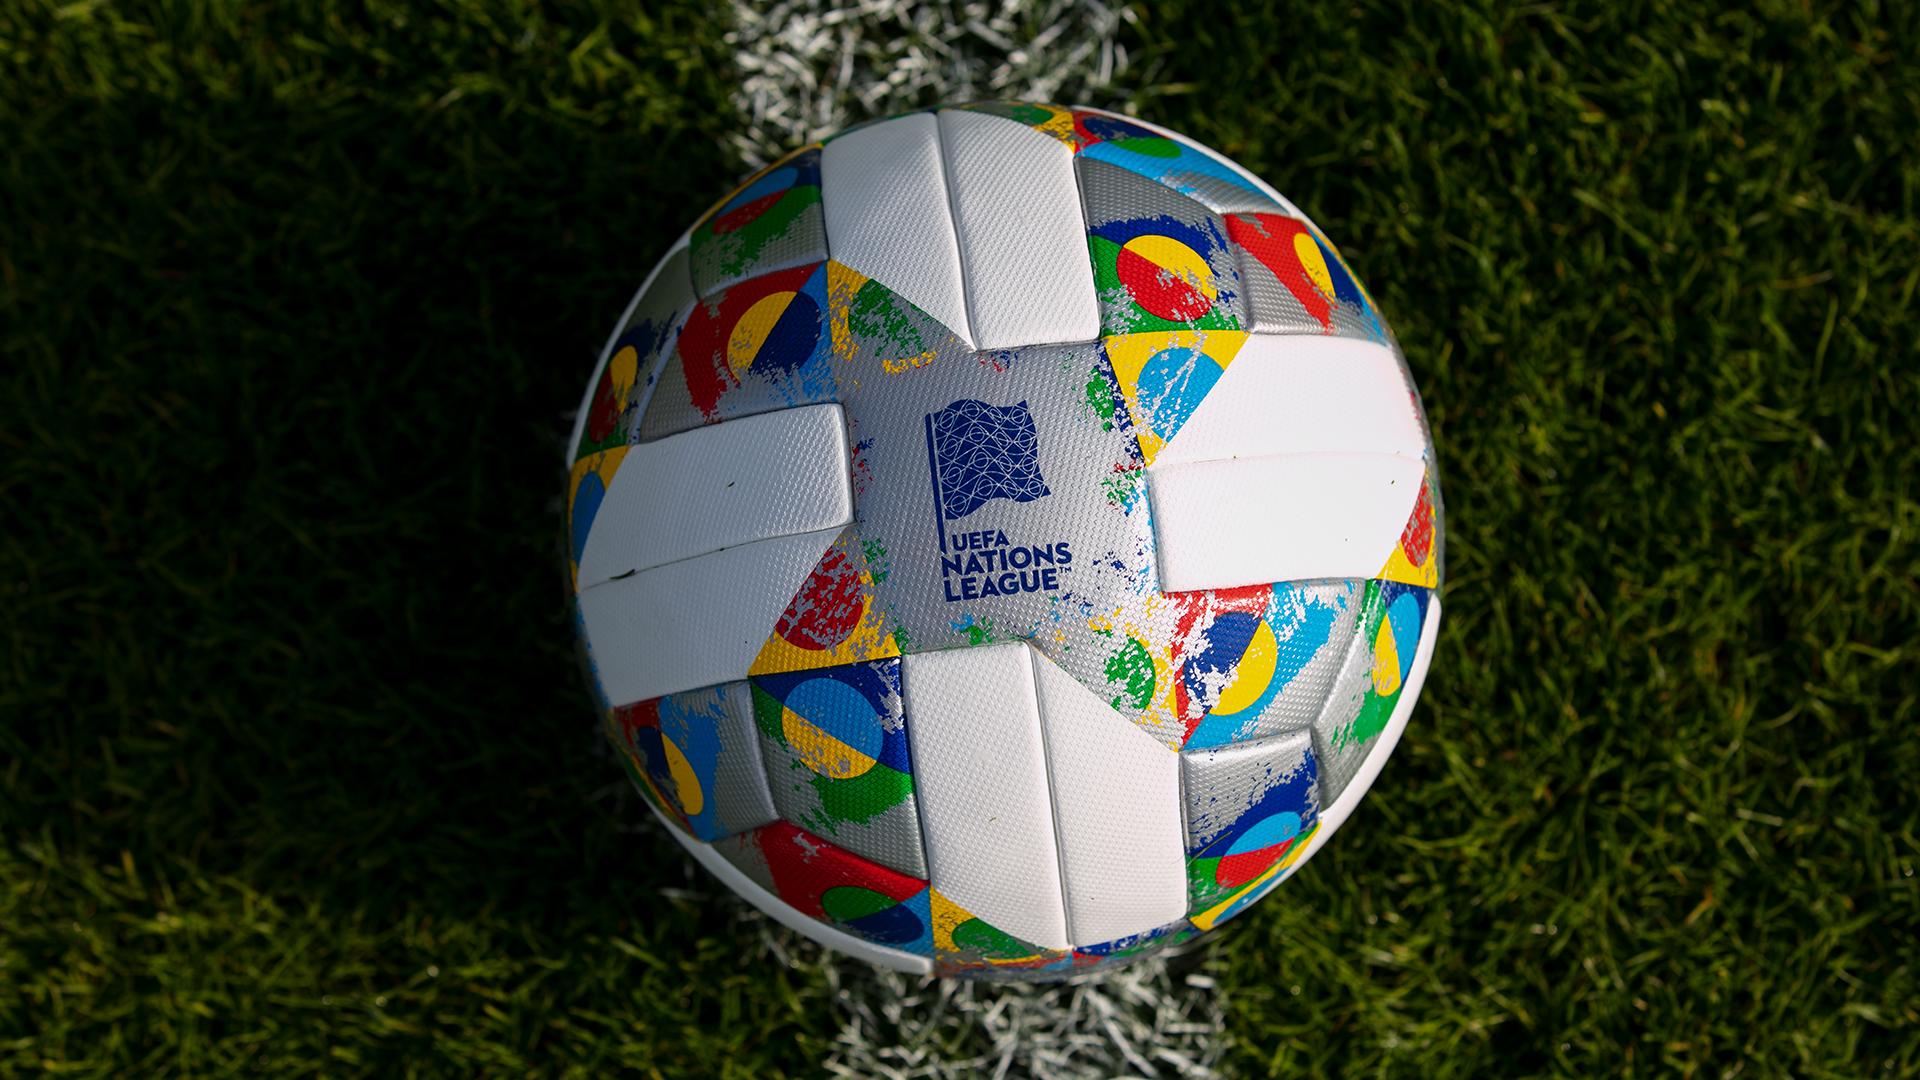 Le ballon adidas de la Ligue des Nations a été dévoilé